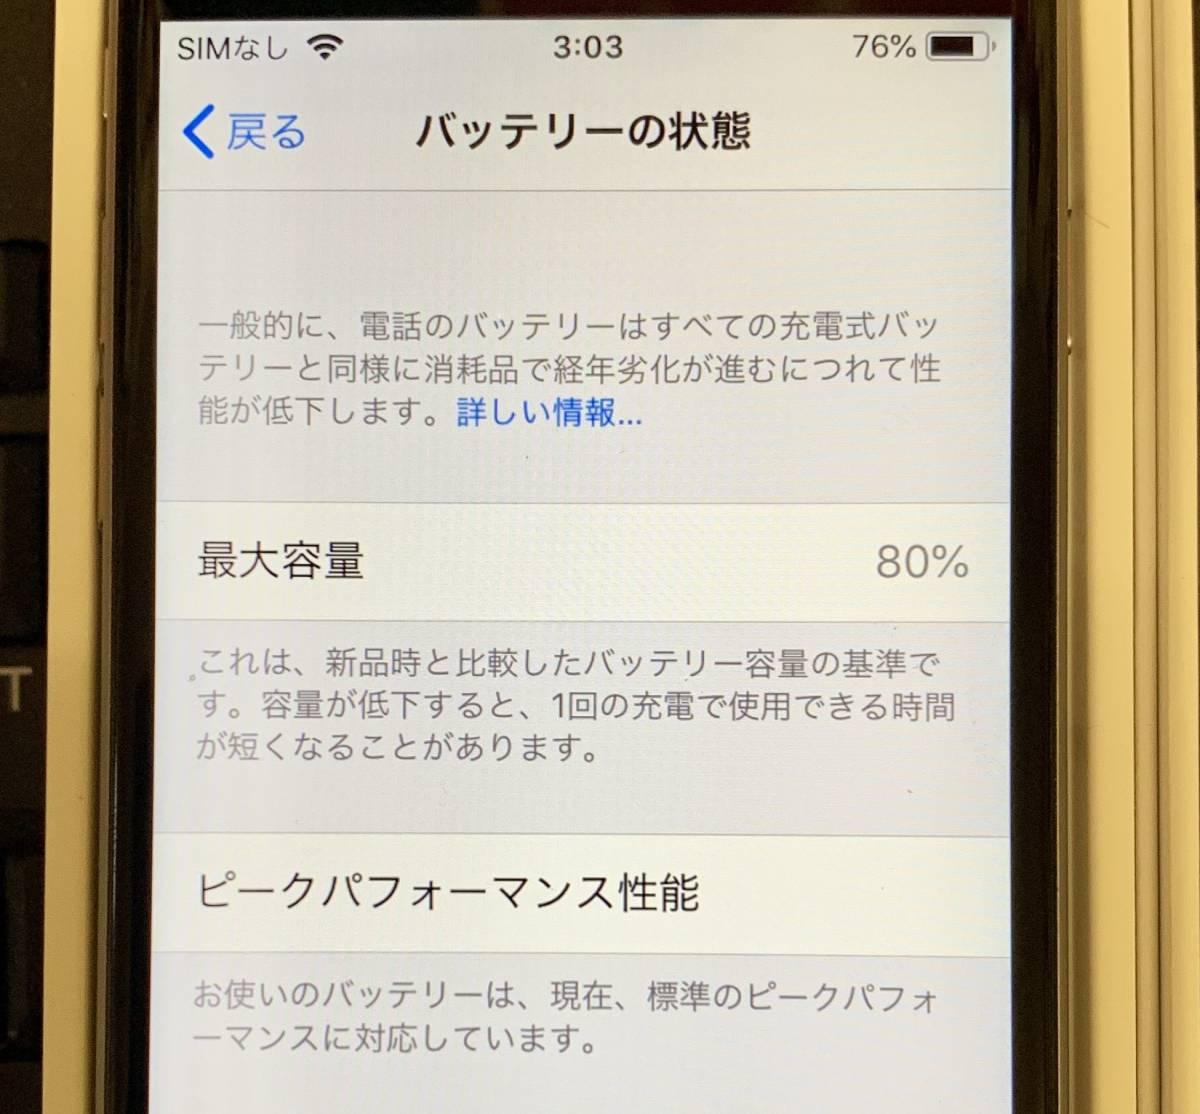 送料無料 SIMフリー iPhone6S 16GB スペースグレイ 美品 中古本体+未使用付属品+元箱 SoftBank SIMロック解除済み_画像7